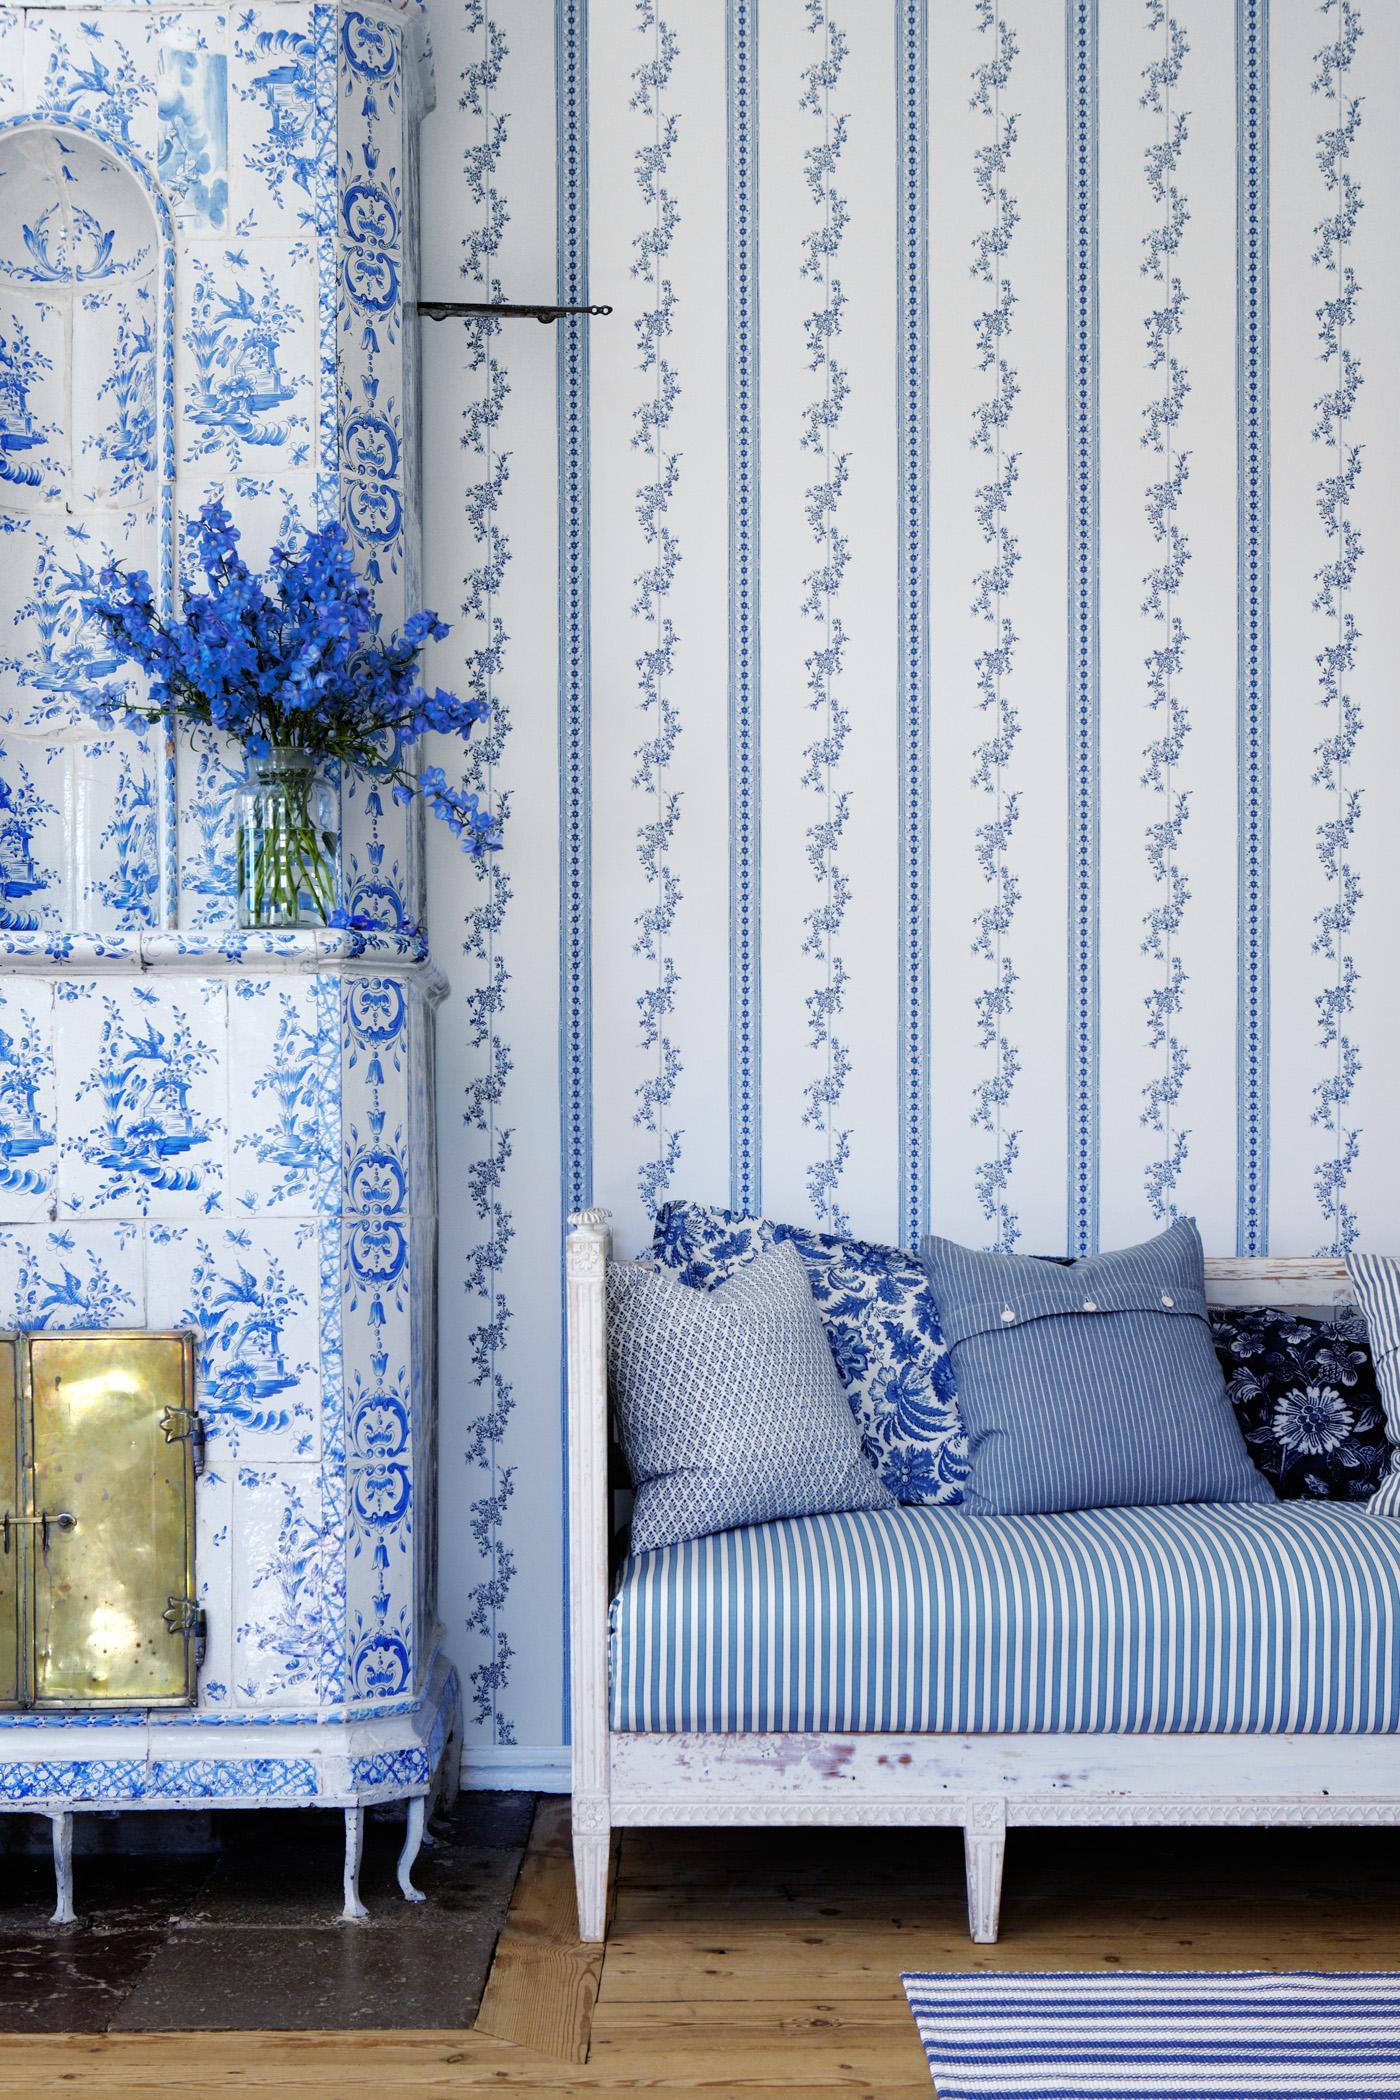 Wohnzimmergestaltung Mustertapete • Bilder & Ideen •